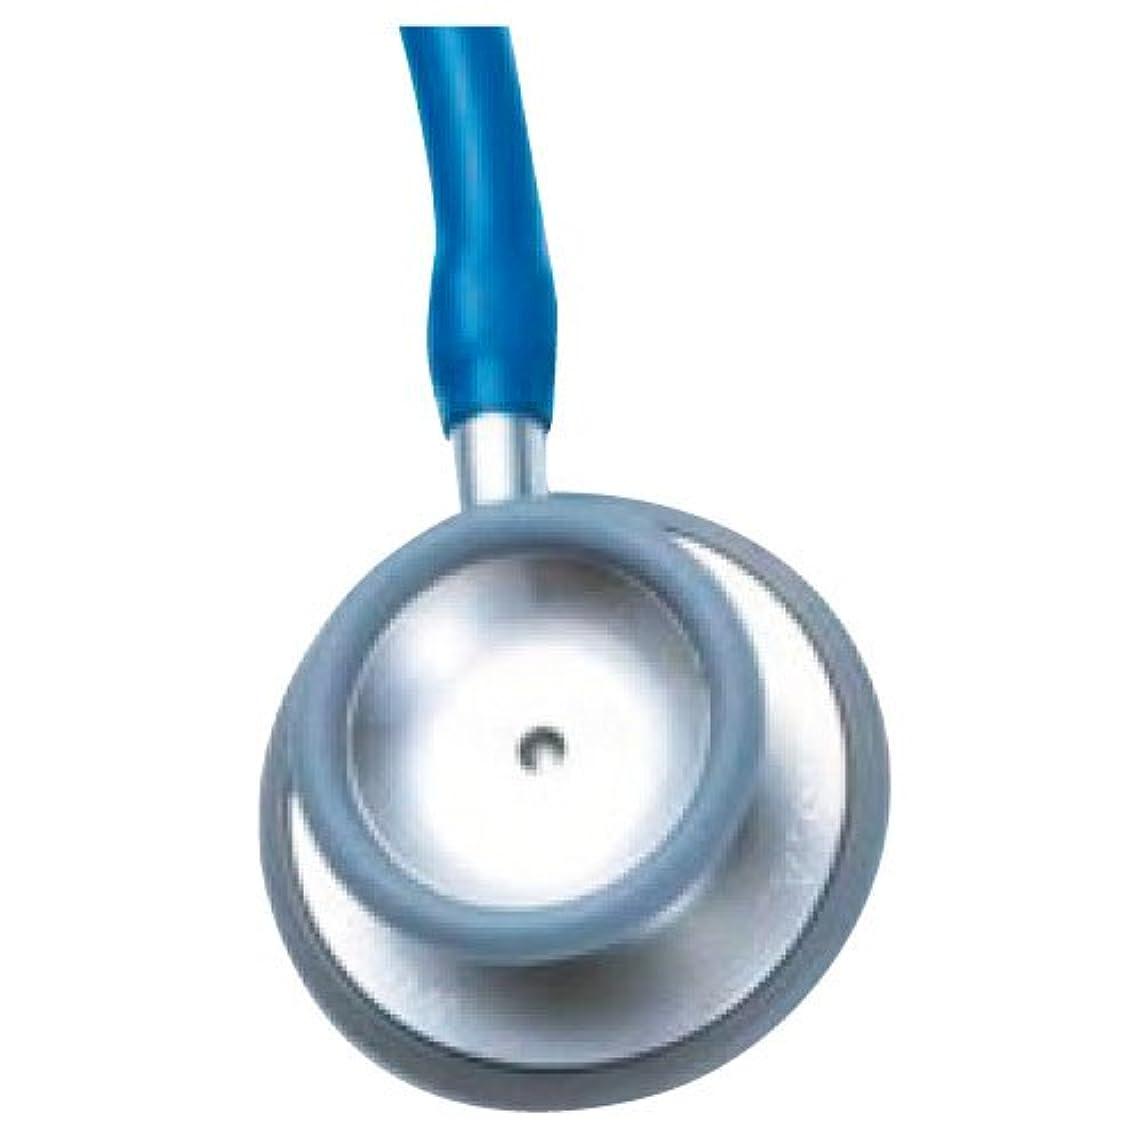 咳ブラウン差し控えるウェルチ?アレン プロフェショナル聴診器(成人用) ブルー 5079-289